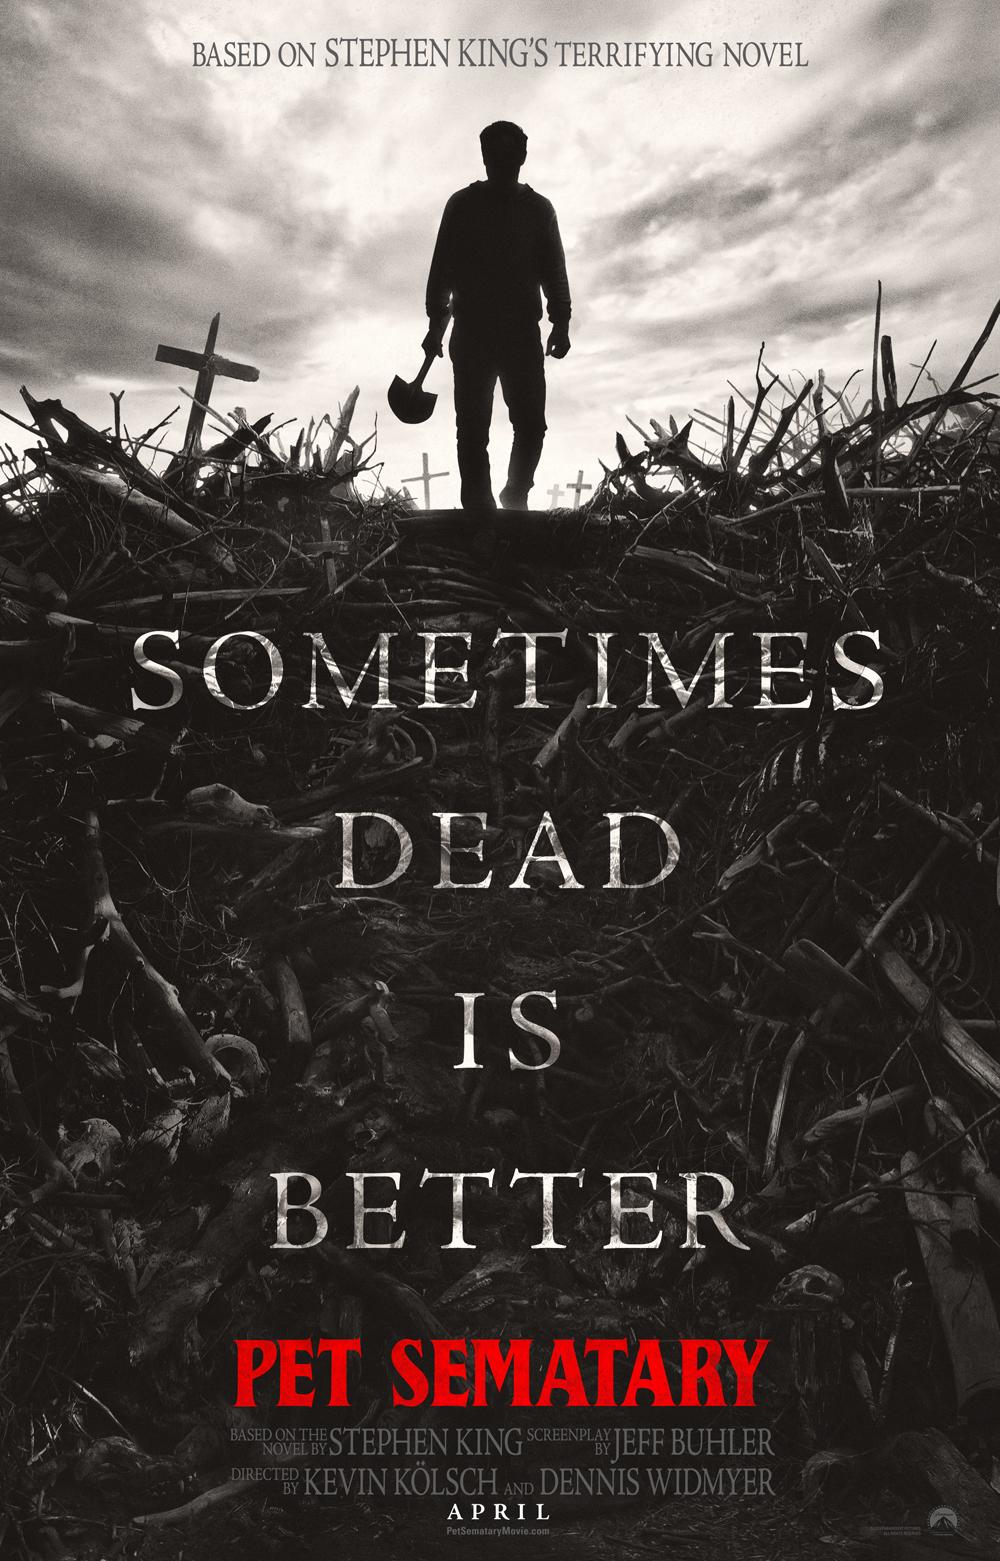 pet sematary poster - Trailer Oficial de Cementerio Maldito